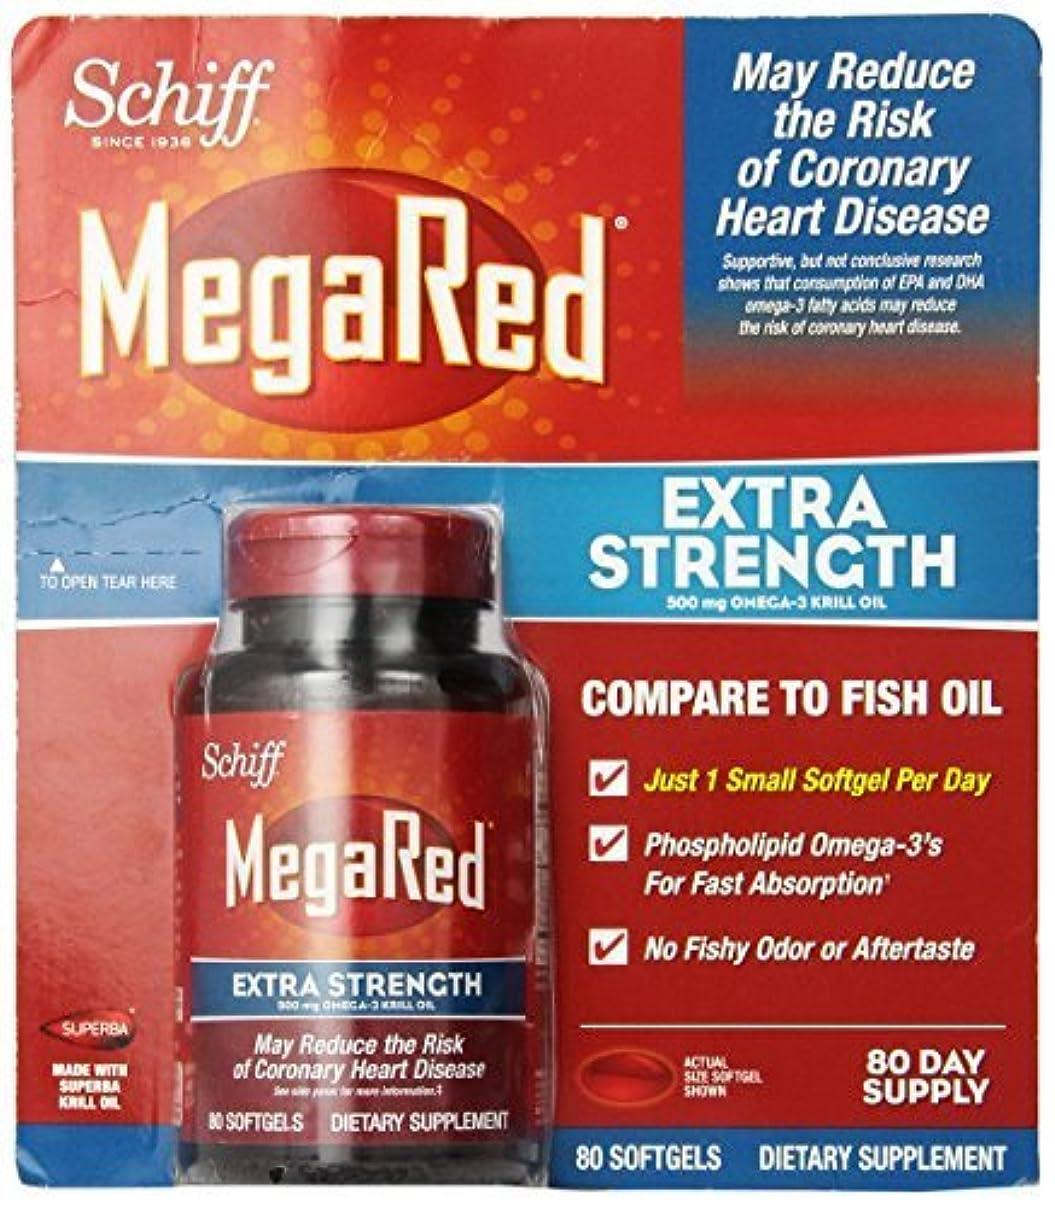 不正若いとしてSchiff MegaRed Extra Strength 500mg Omega 3 Krill Oil Softgel, (80 ct) by Megared [並行輸入品]